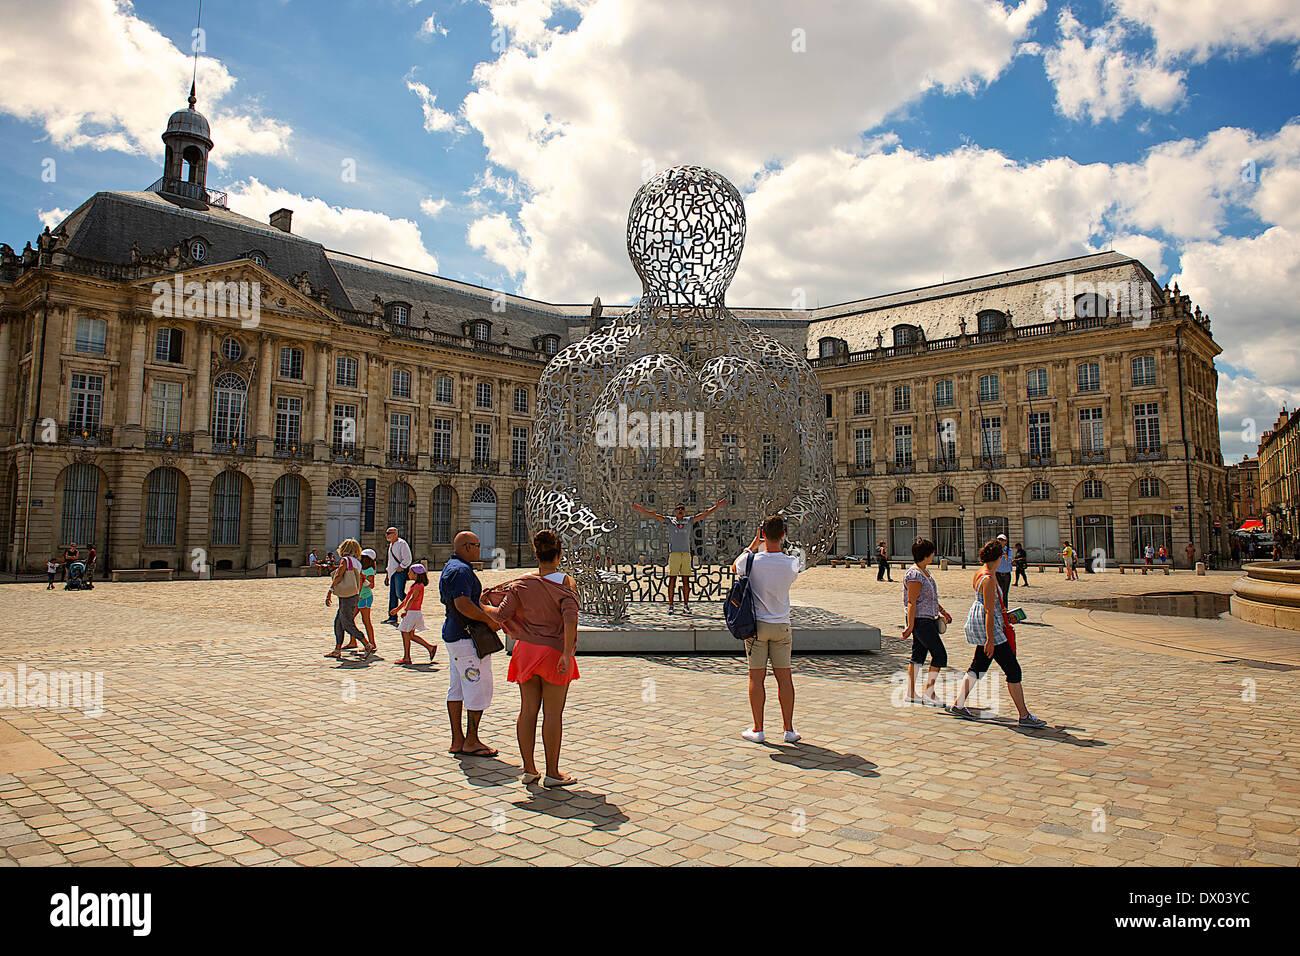 Place de la Bourse in Bordeaux, France - Stock Image